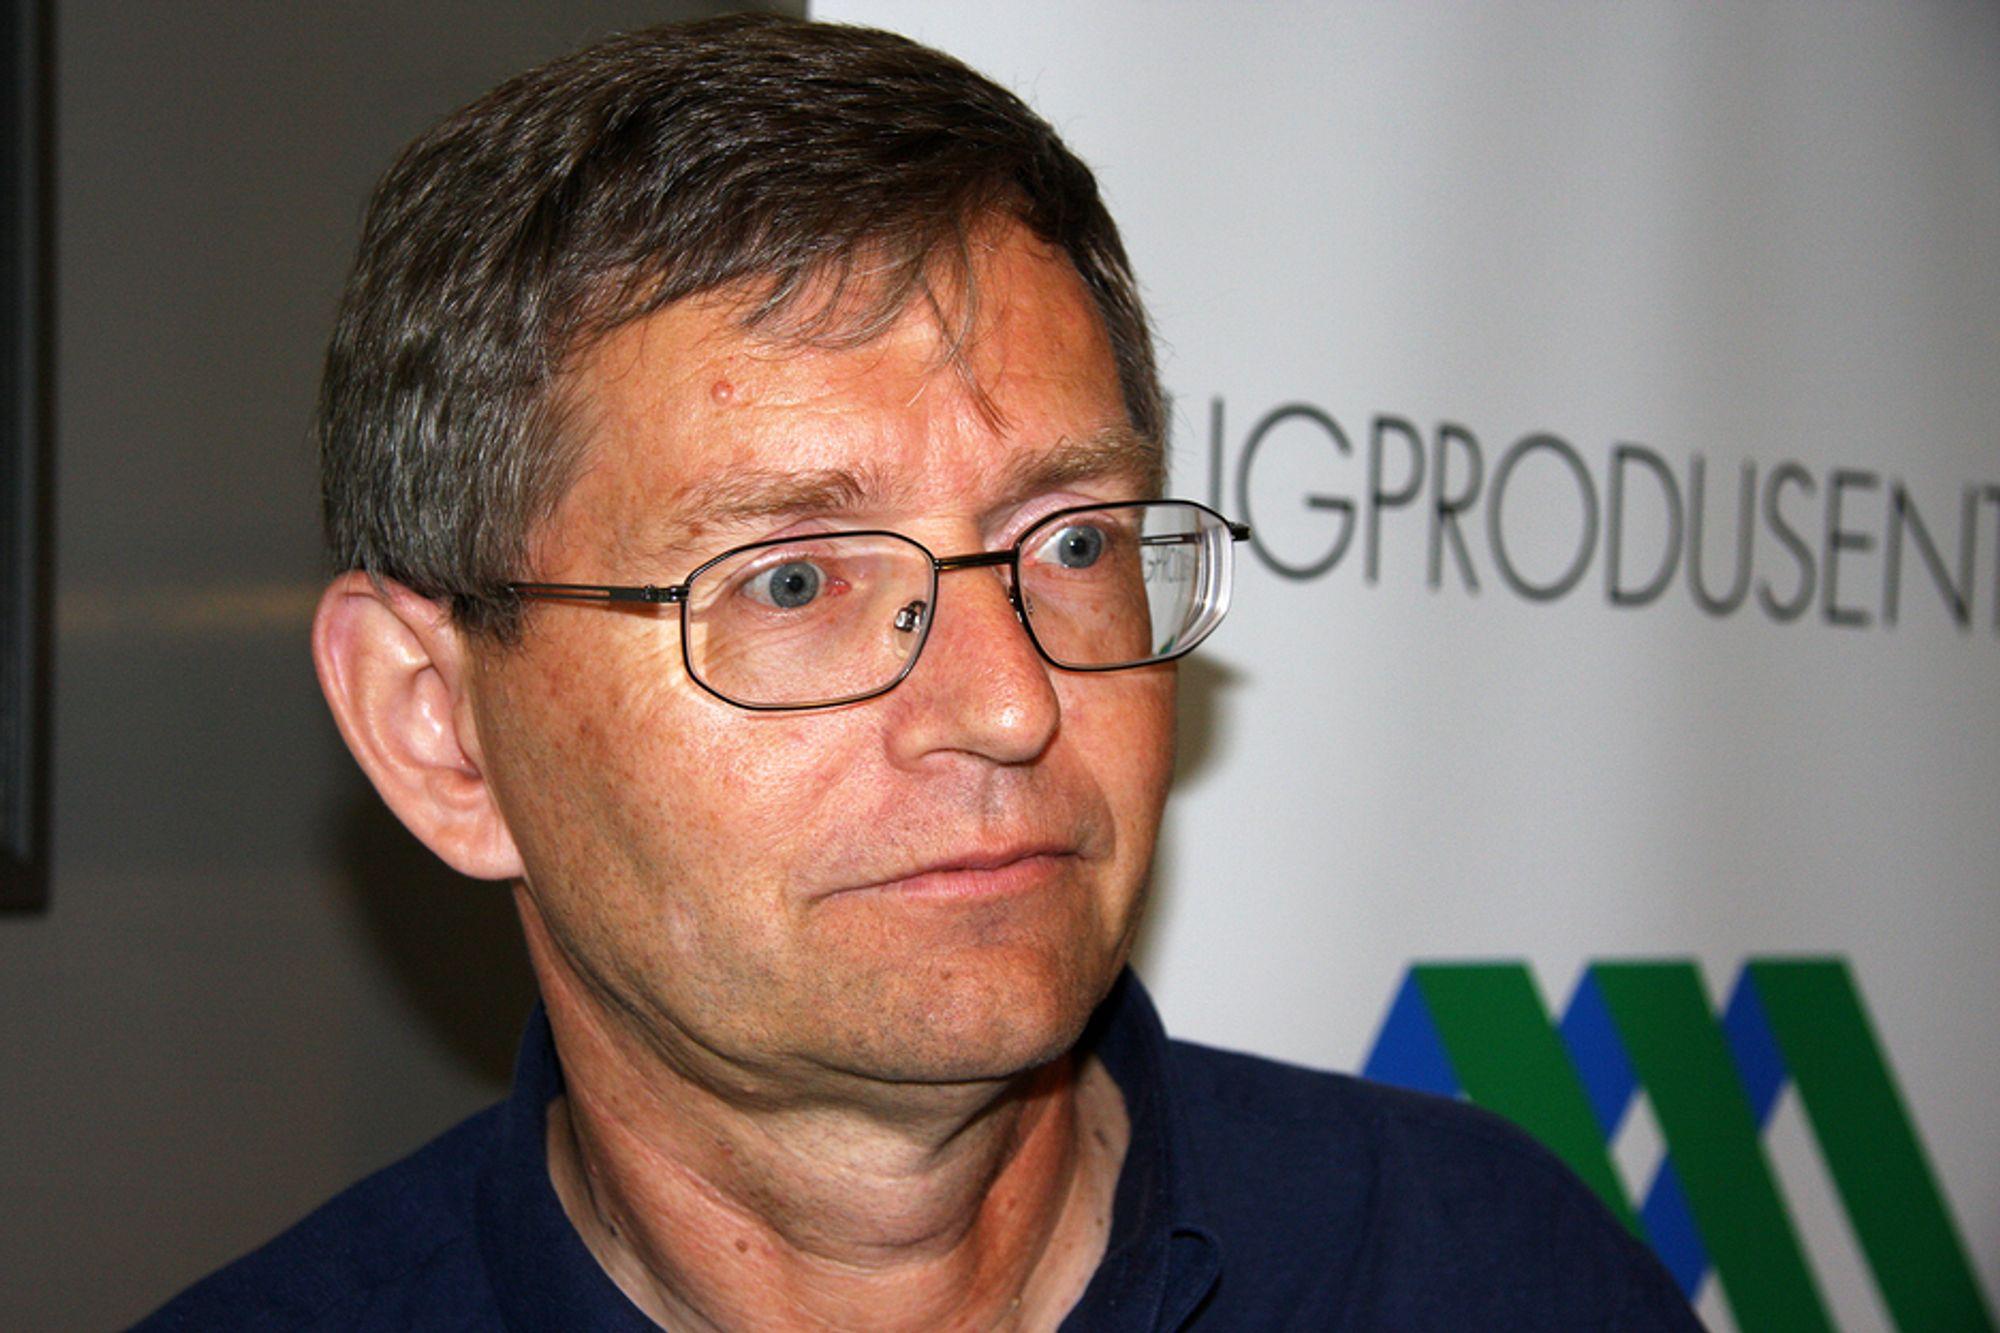 MISFORNØYD: Boligprodusentenes direktør, Per Jæger, er ikke fornøyd med Oslo og sier kommunen mangler en boligpolitikk.